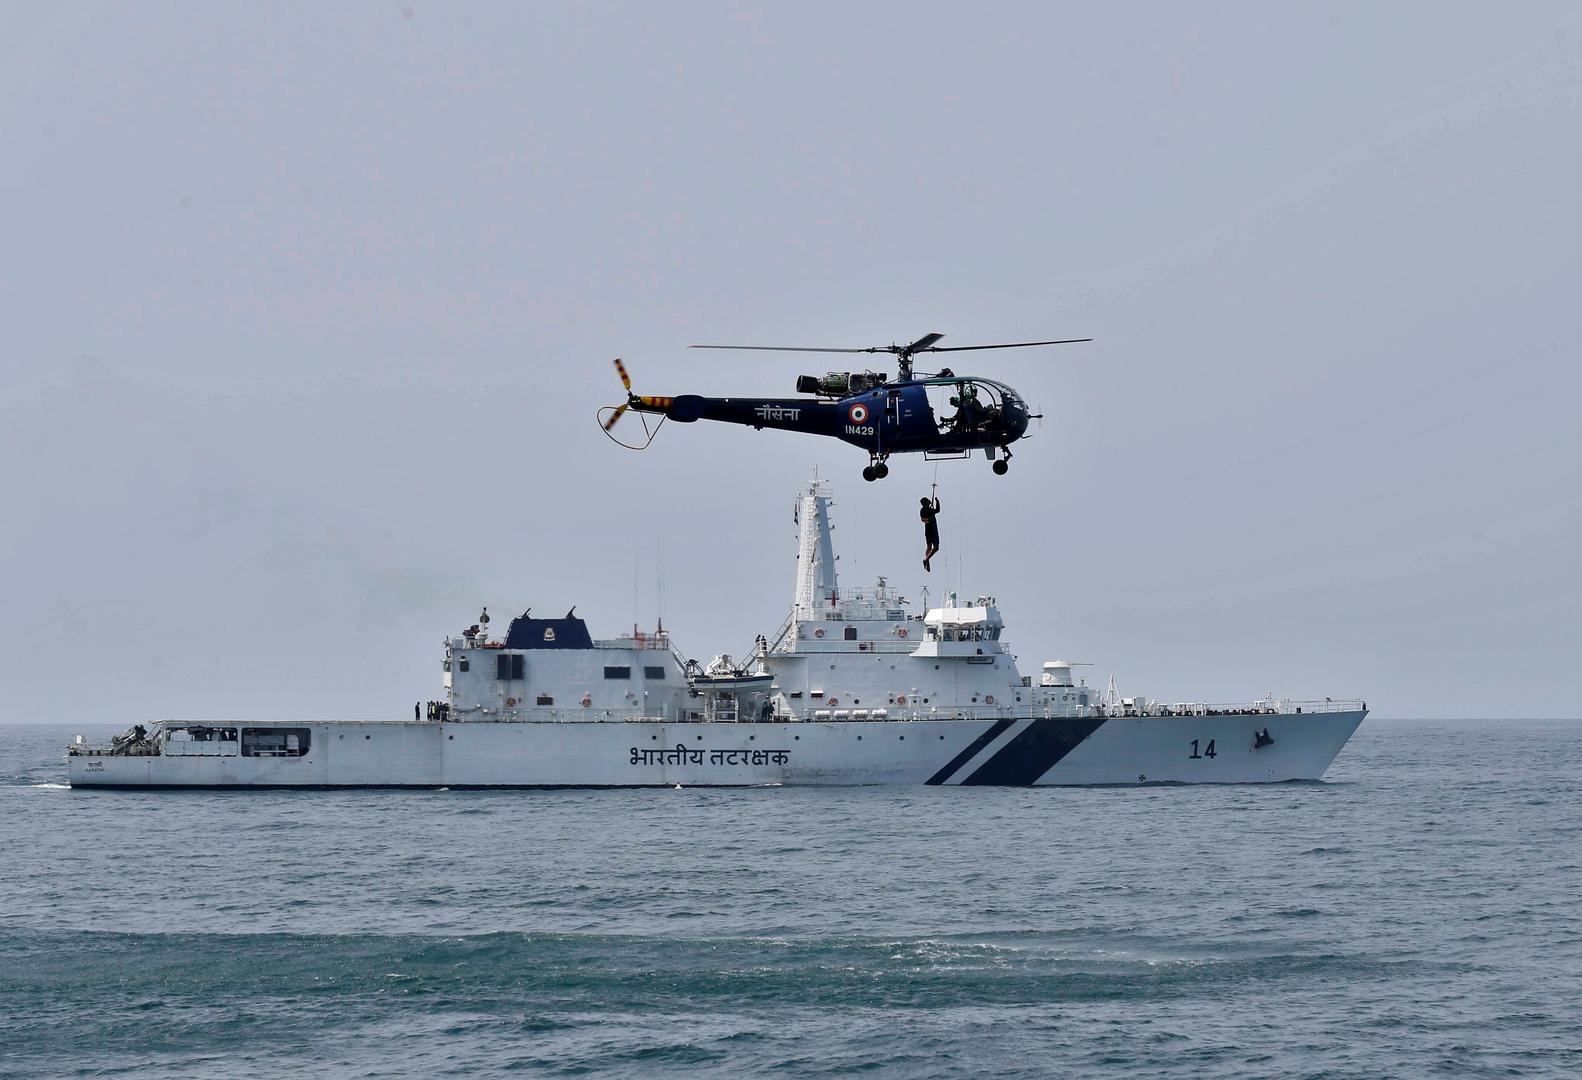 القوات المسلحة البحرية الهندية تتدرب على عمليات إنقاذ في بحر العرب. الصورة: أرشيف.